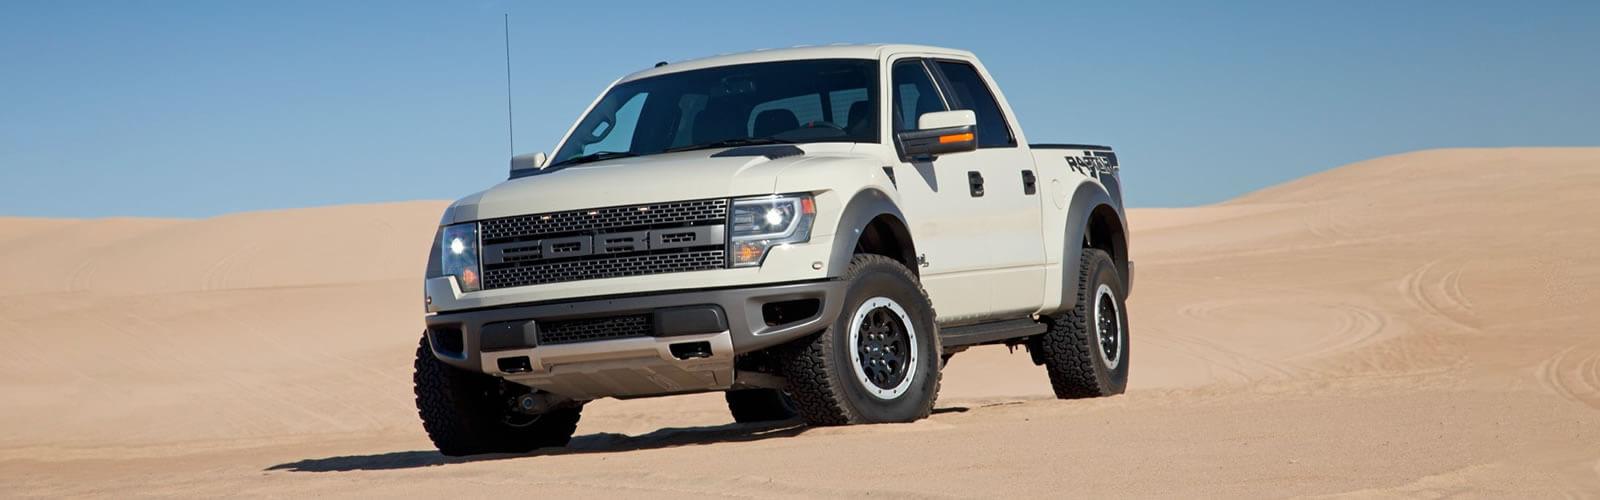 Lifted Trucks, Used Trucks - Phoenix, AZ | TRUCKMAX